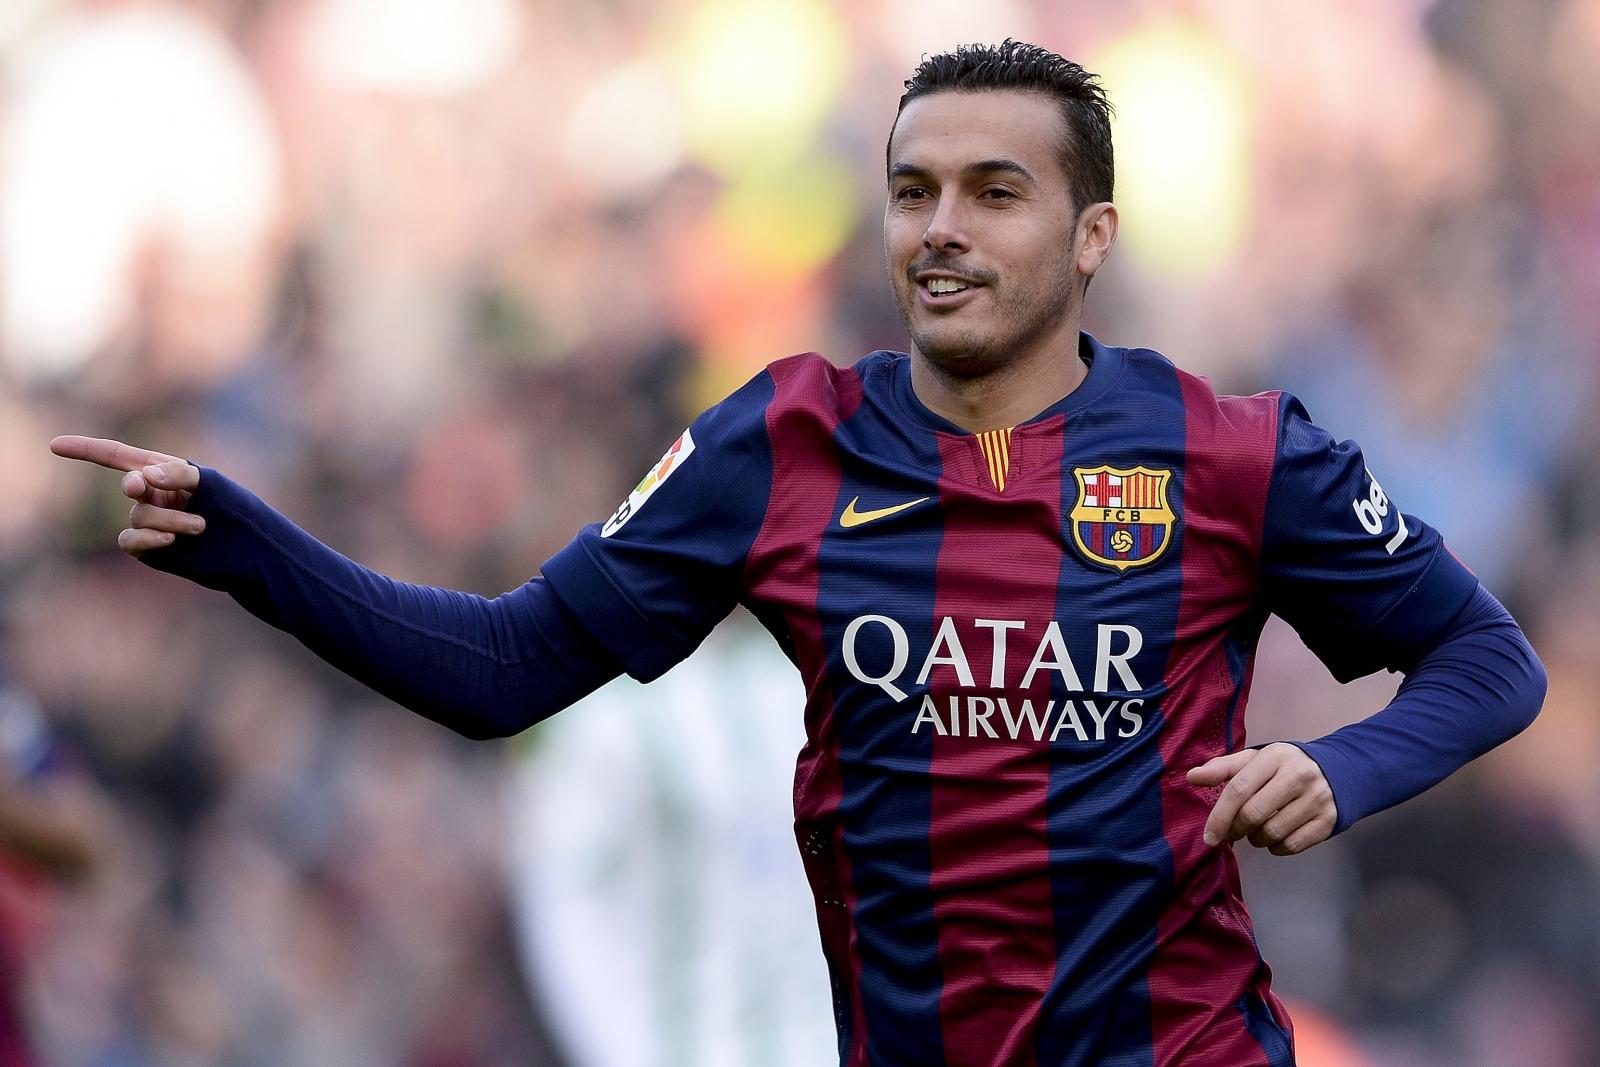 Pedro Rodríguez Urged To Make Premier League Move Amid